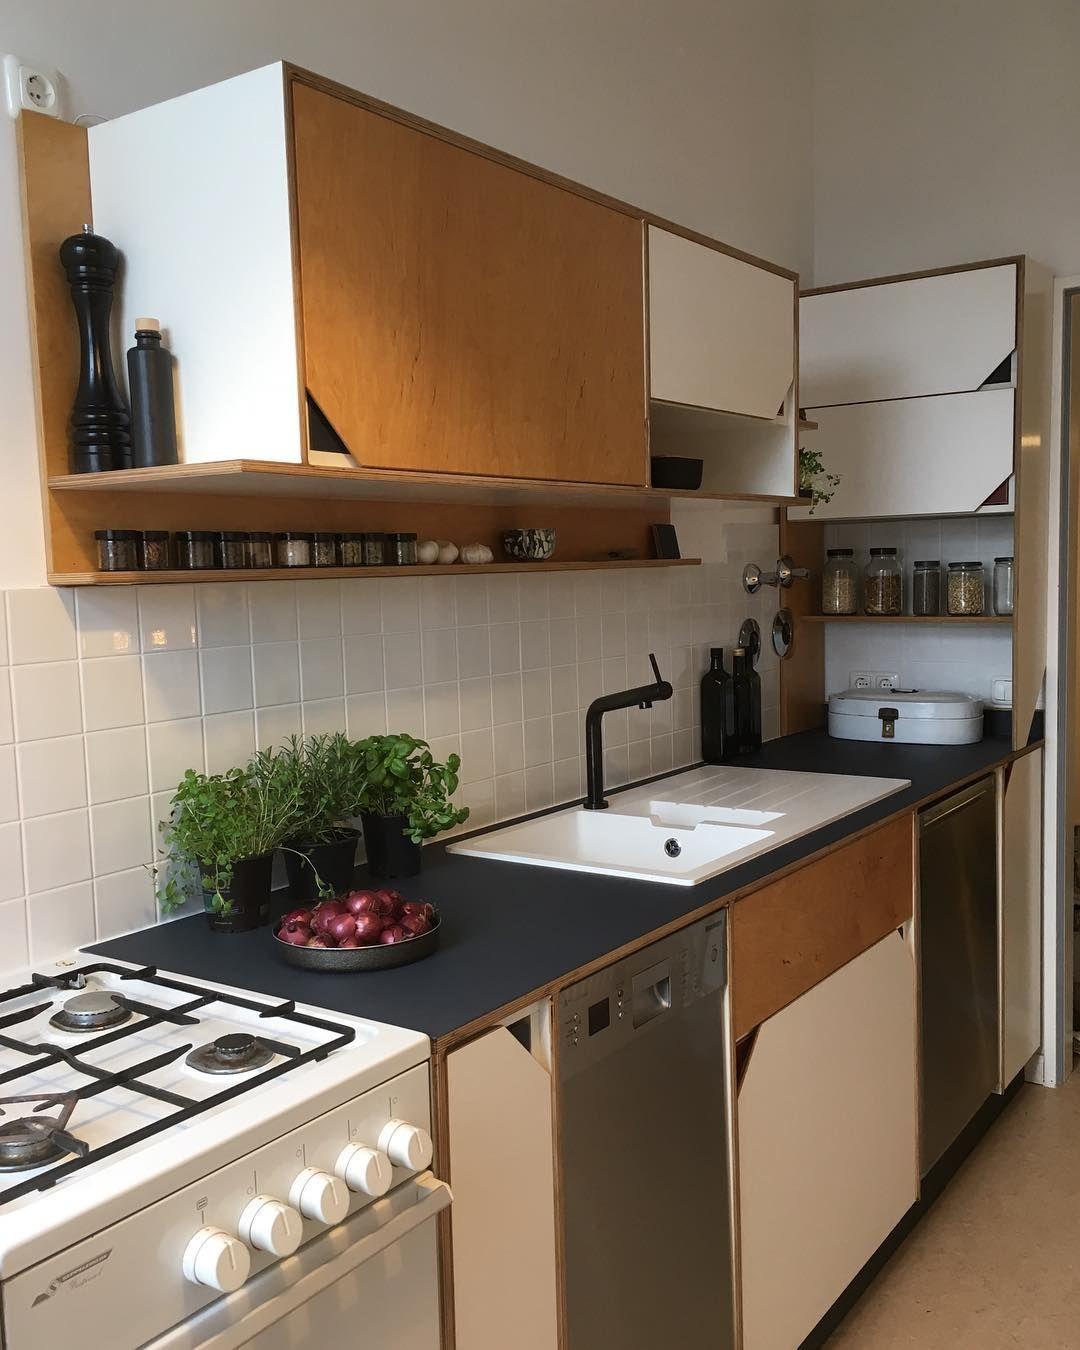 small-kitchen-ideas-2020 | Kitchen trends, Modern kitchen ...